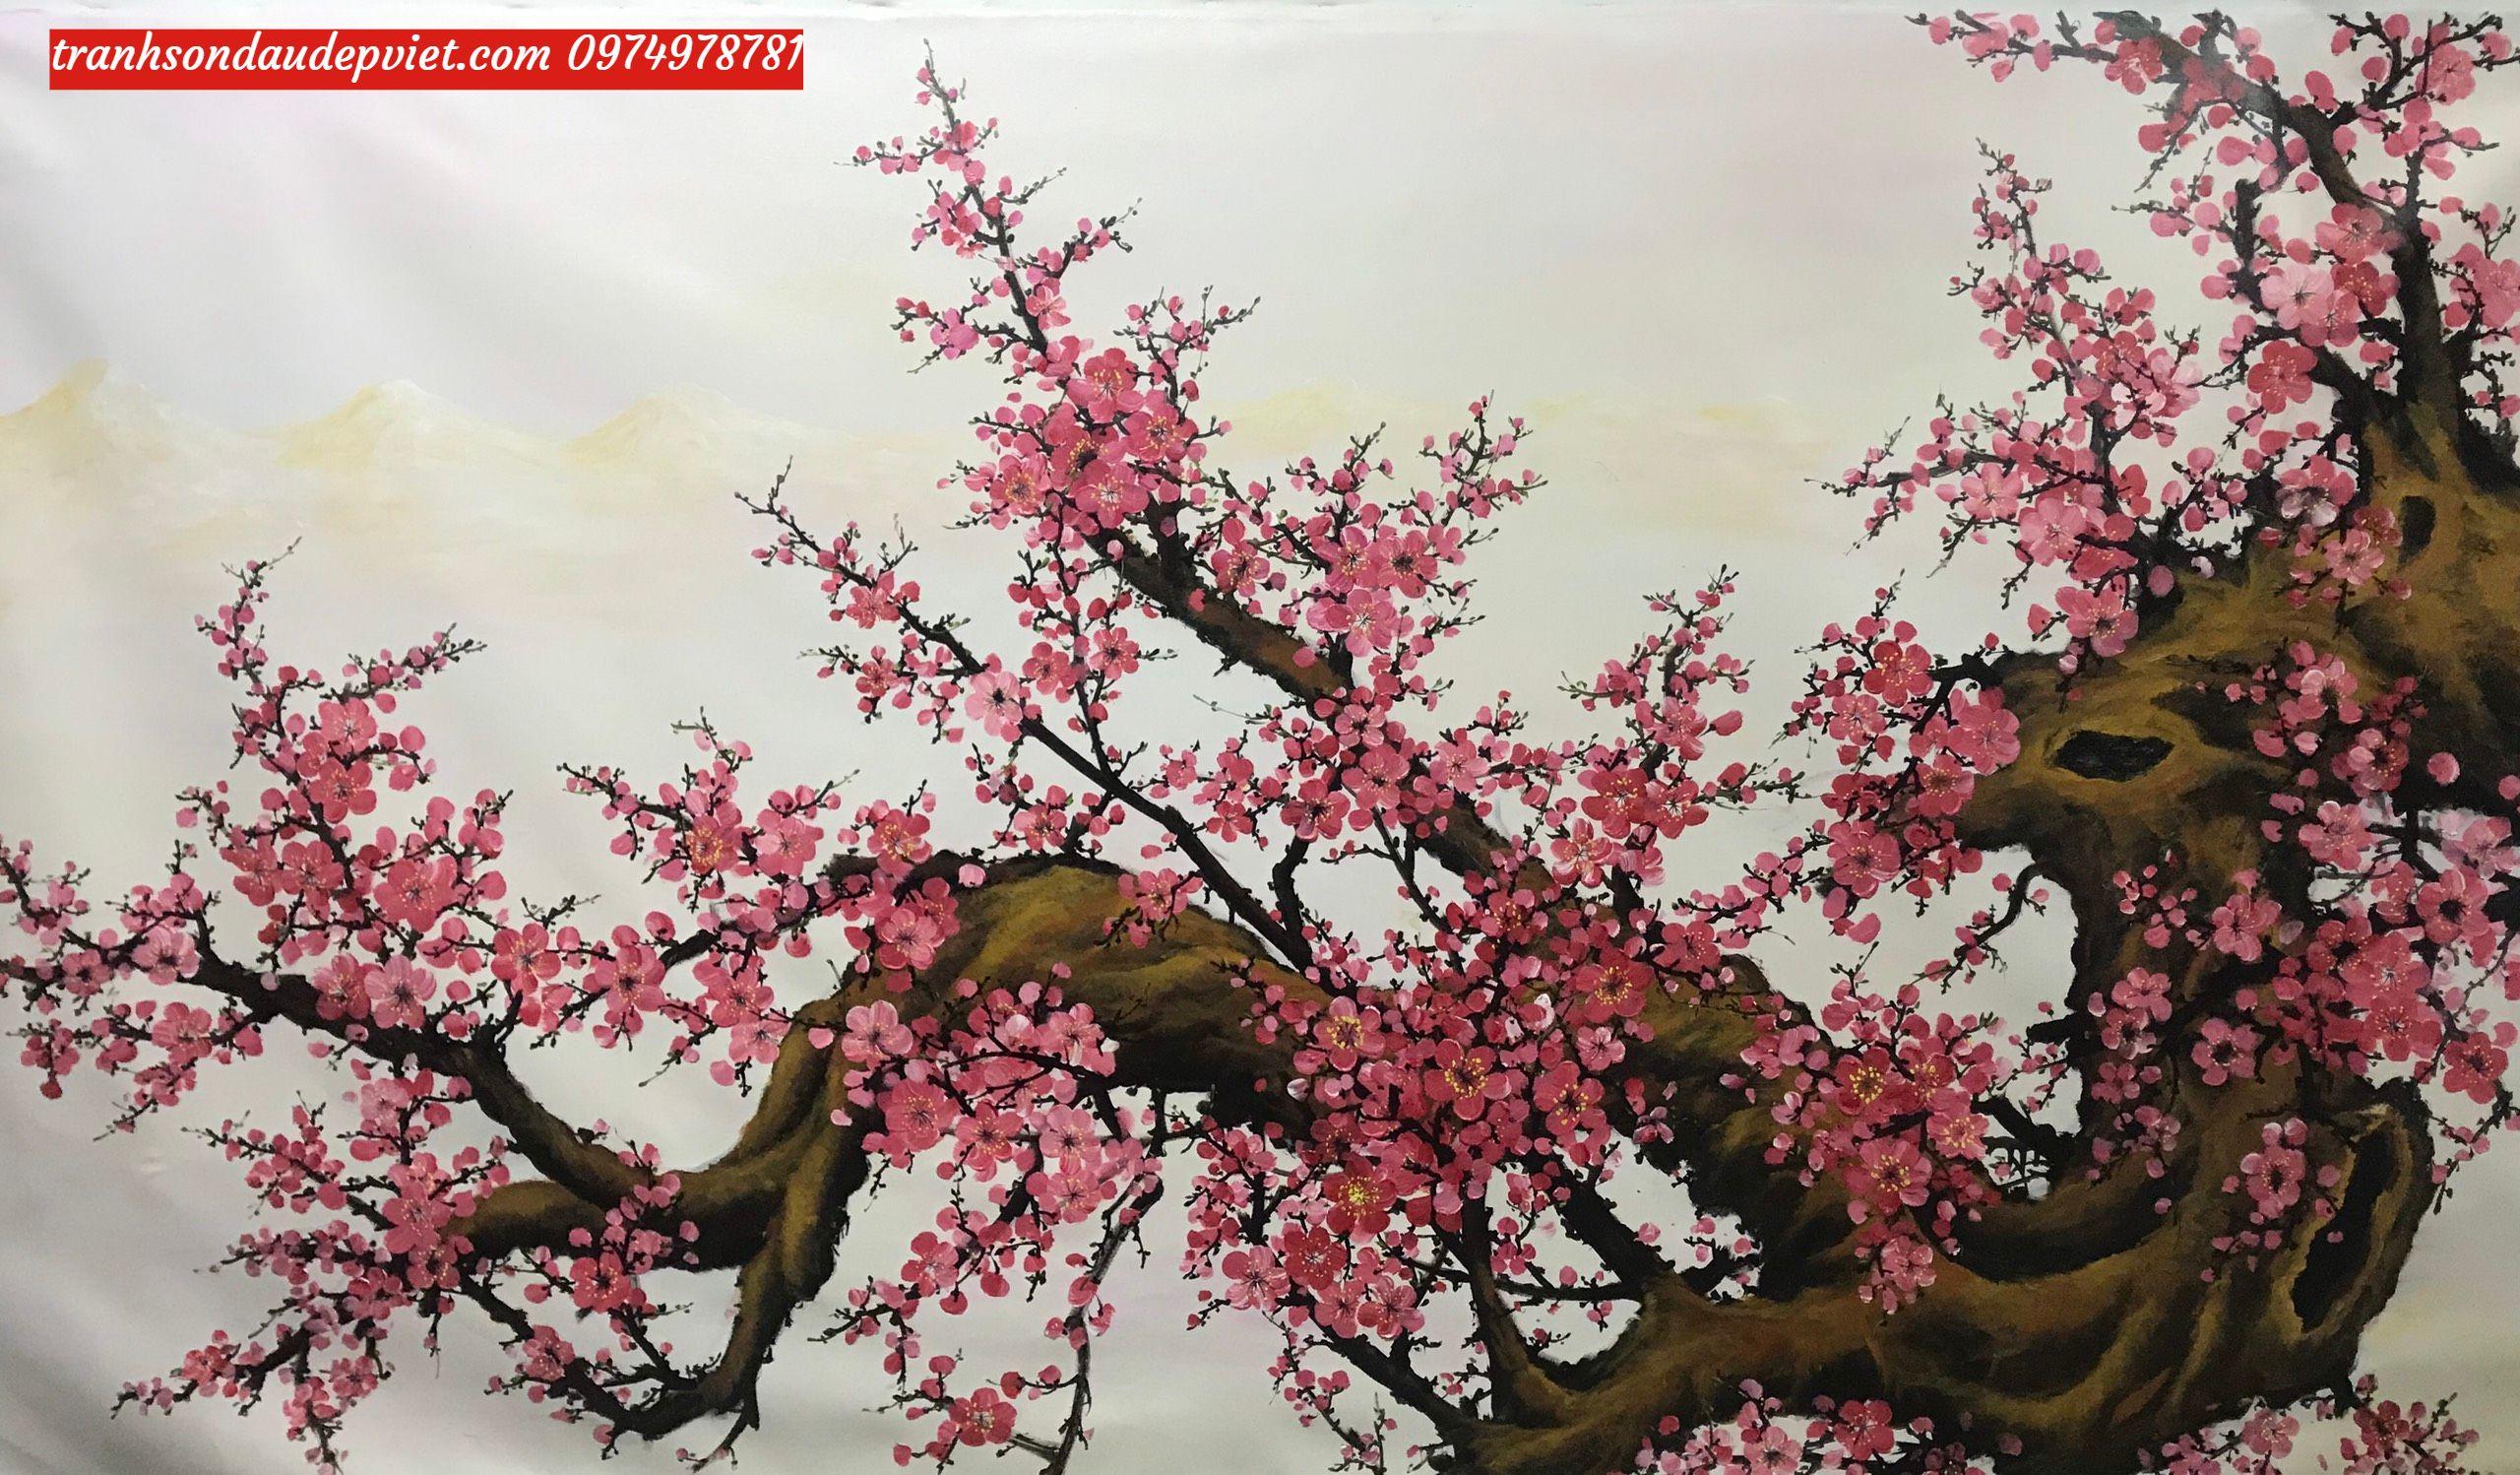 Tranh hoa đào ý nghĩa, tranh sơn dầu hoa đào SB102